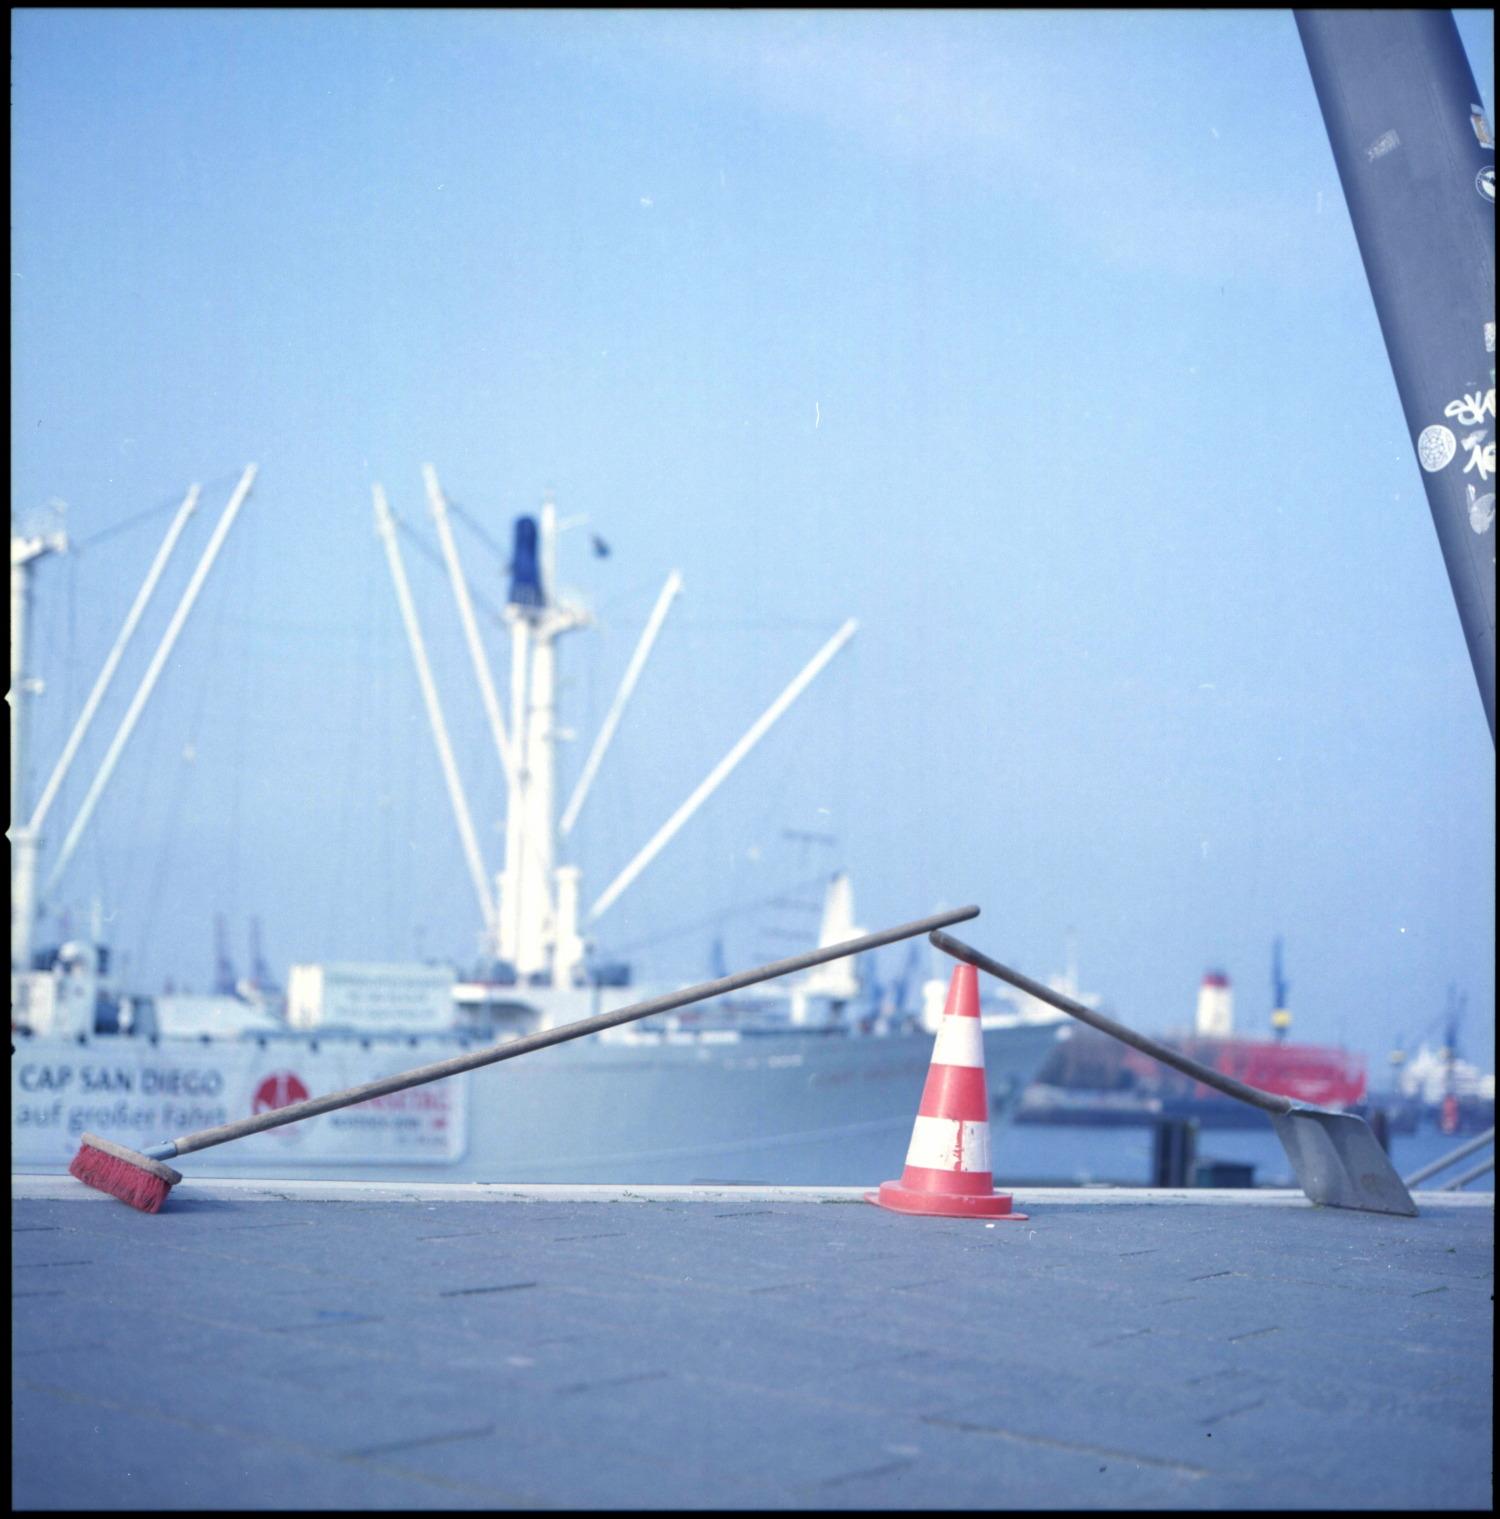 Absperrung am Hamburger Hafen